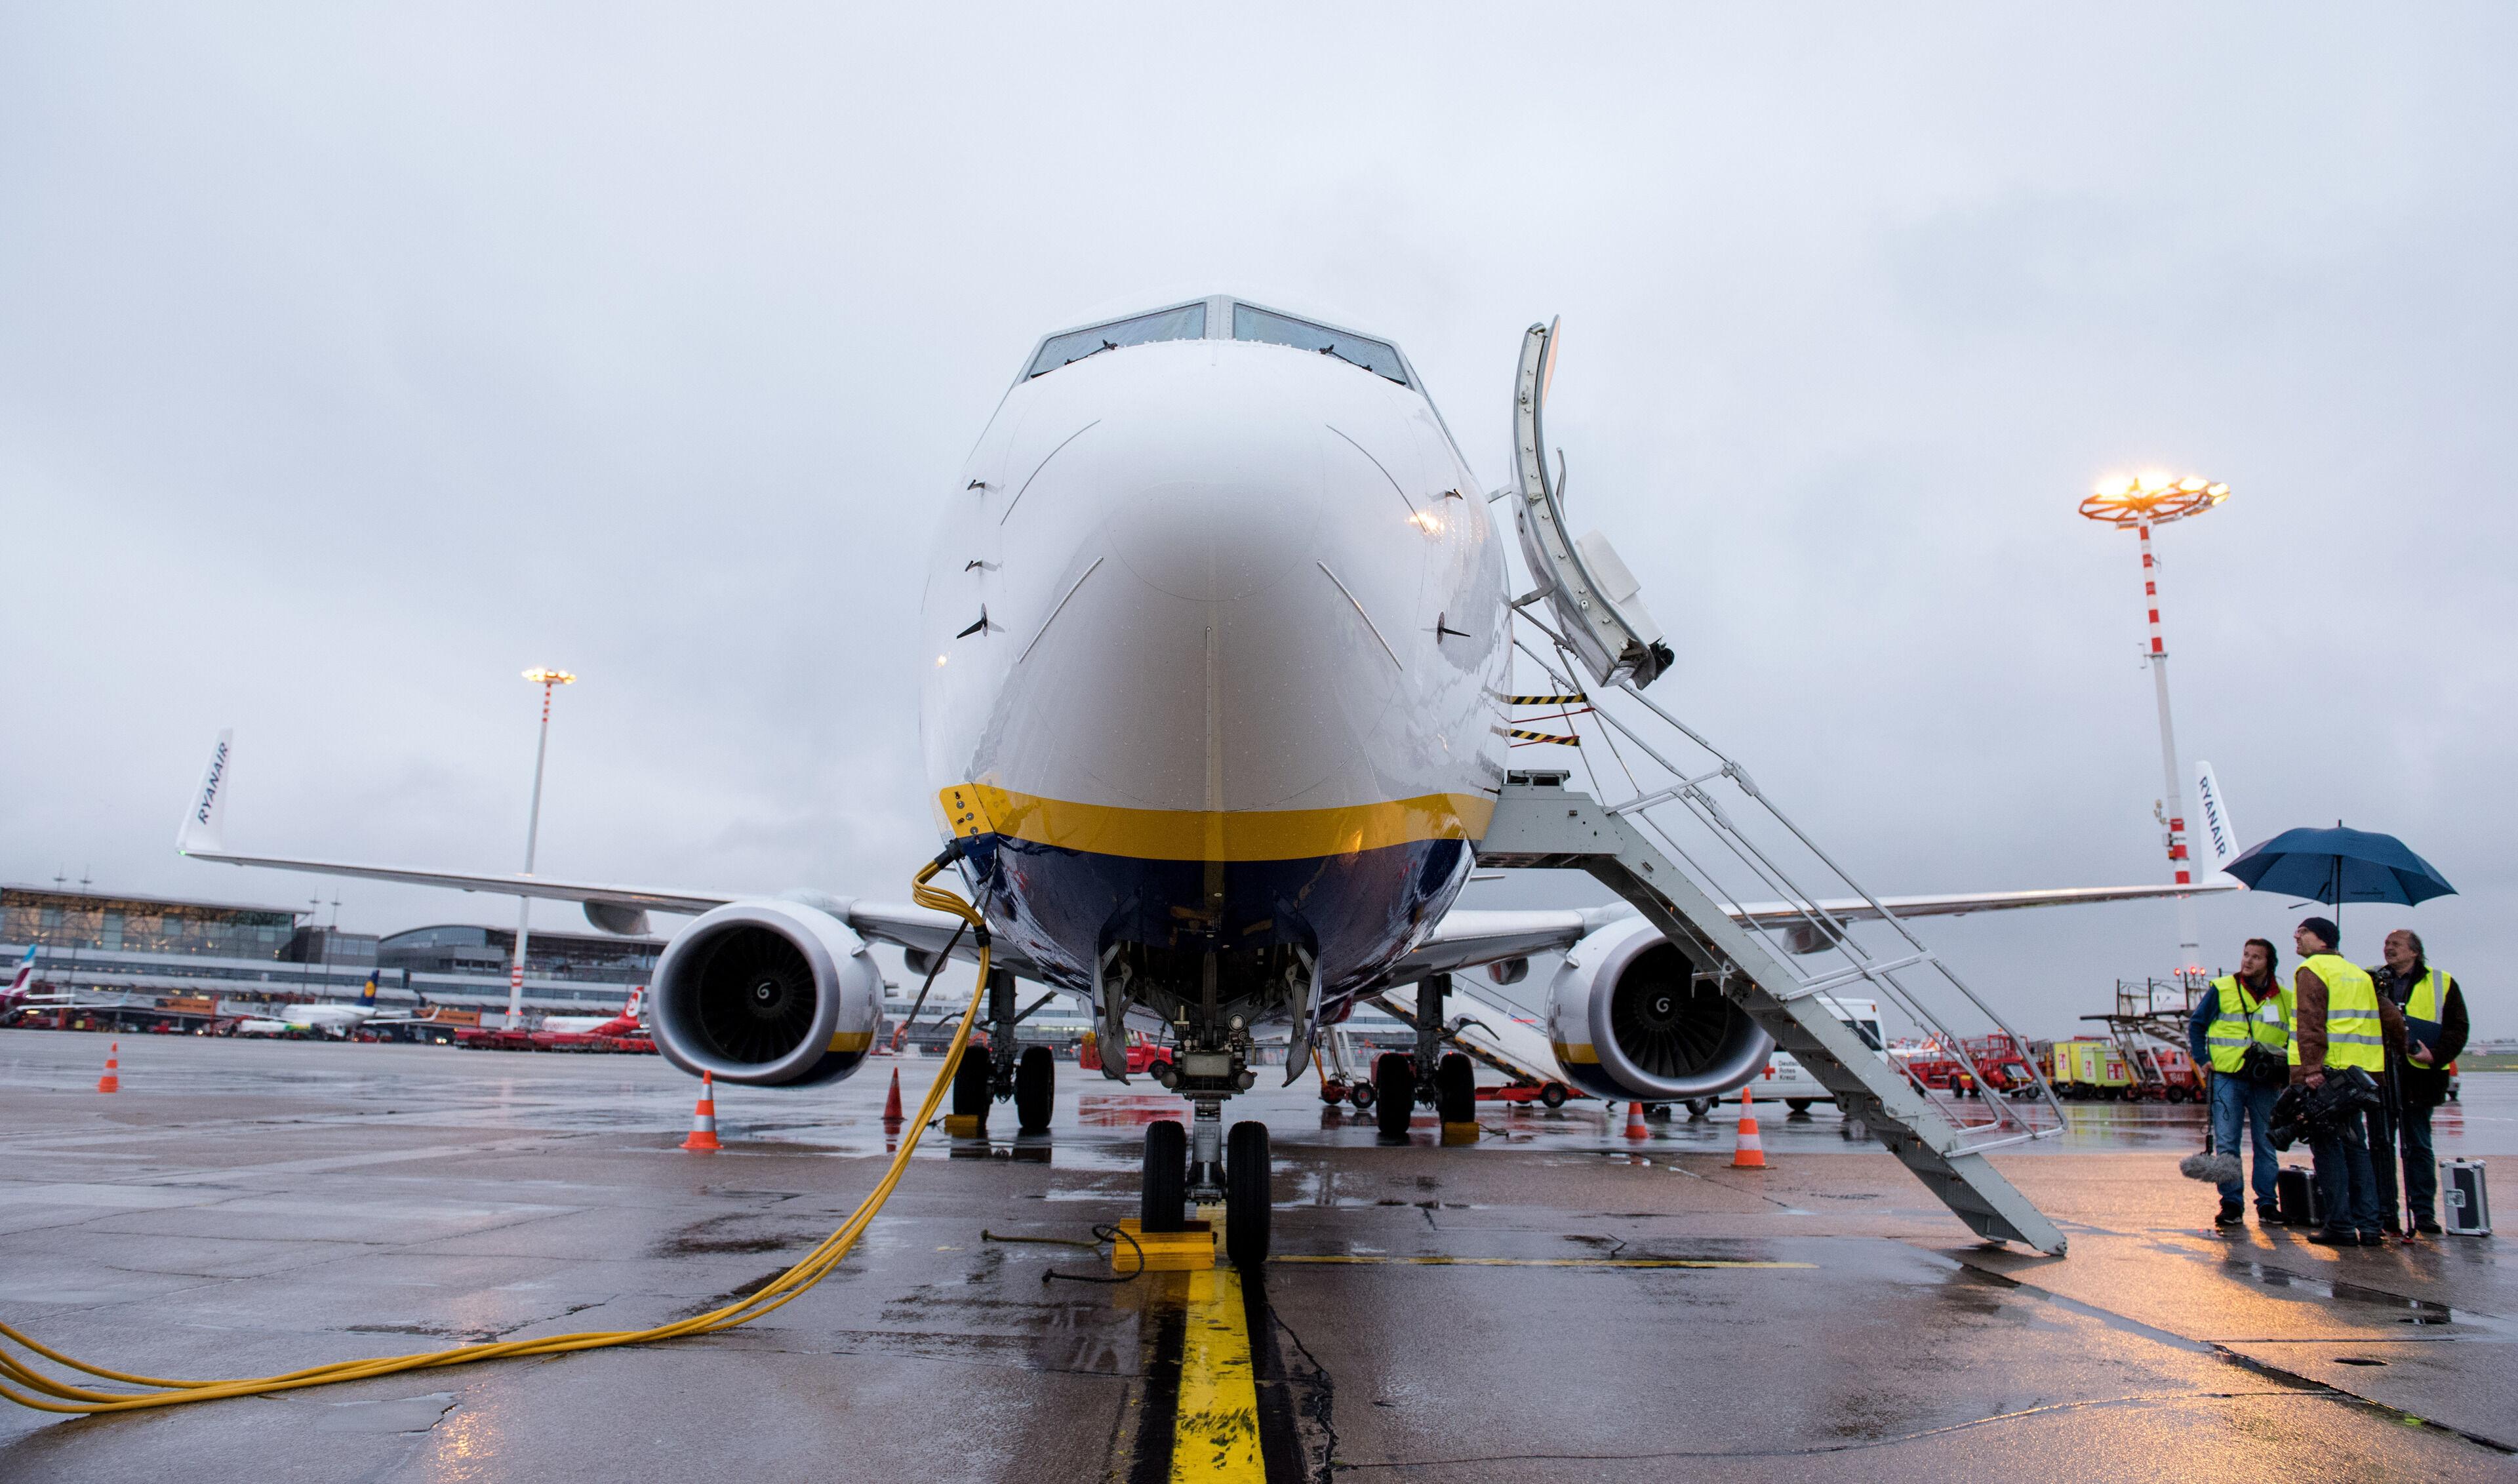 Is het jouw schuld dat Ryanair vele vluchten schrapt?